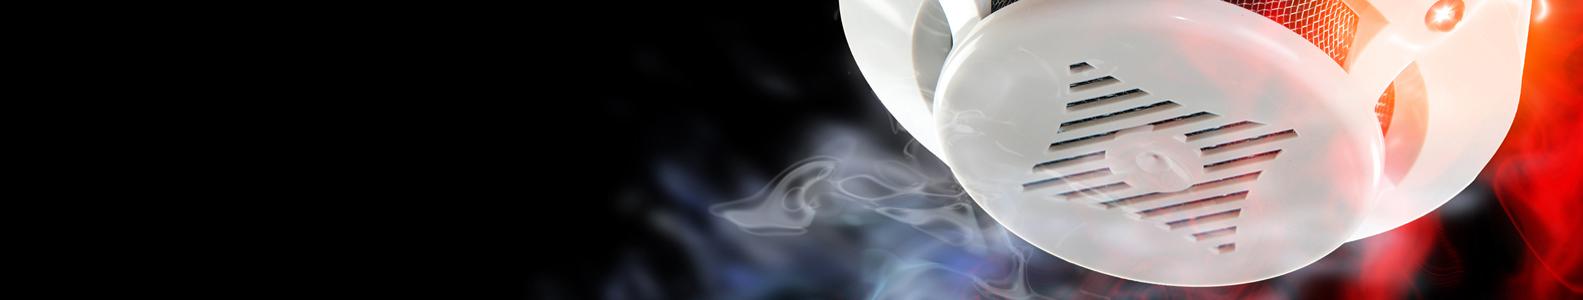 Autonominiai dūmų detektoriai  Aukštos kokybės dūmų detektoriai įvairios paskirties patalpoms